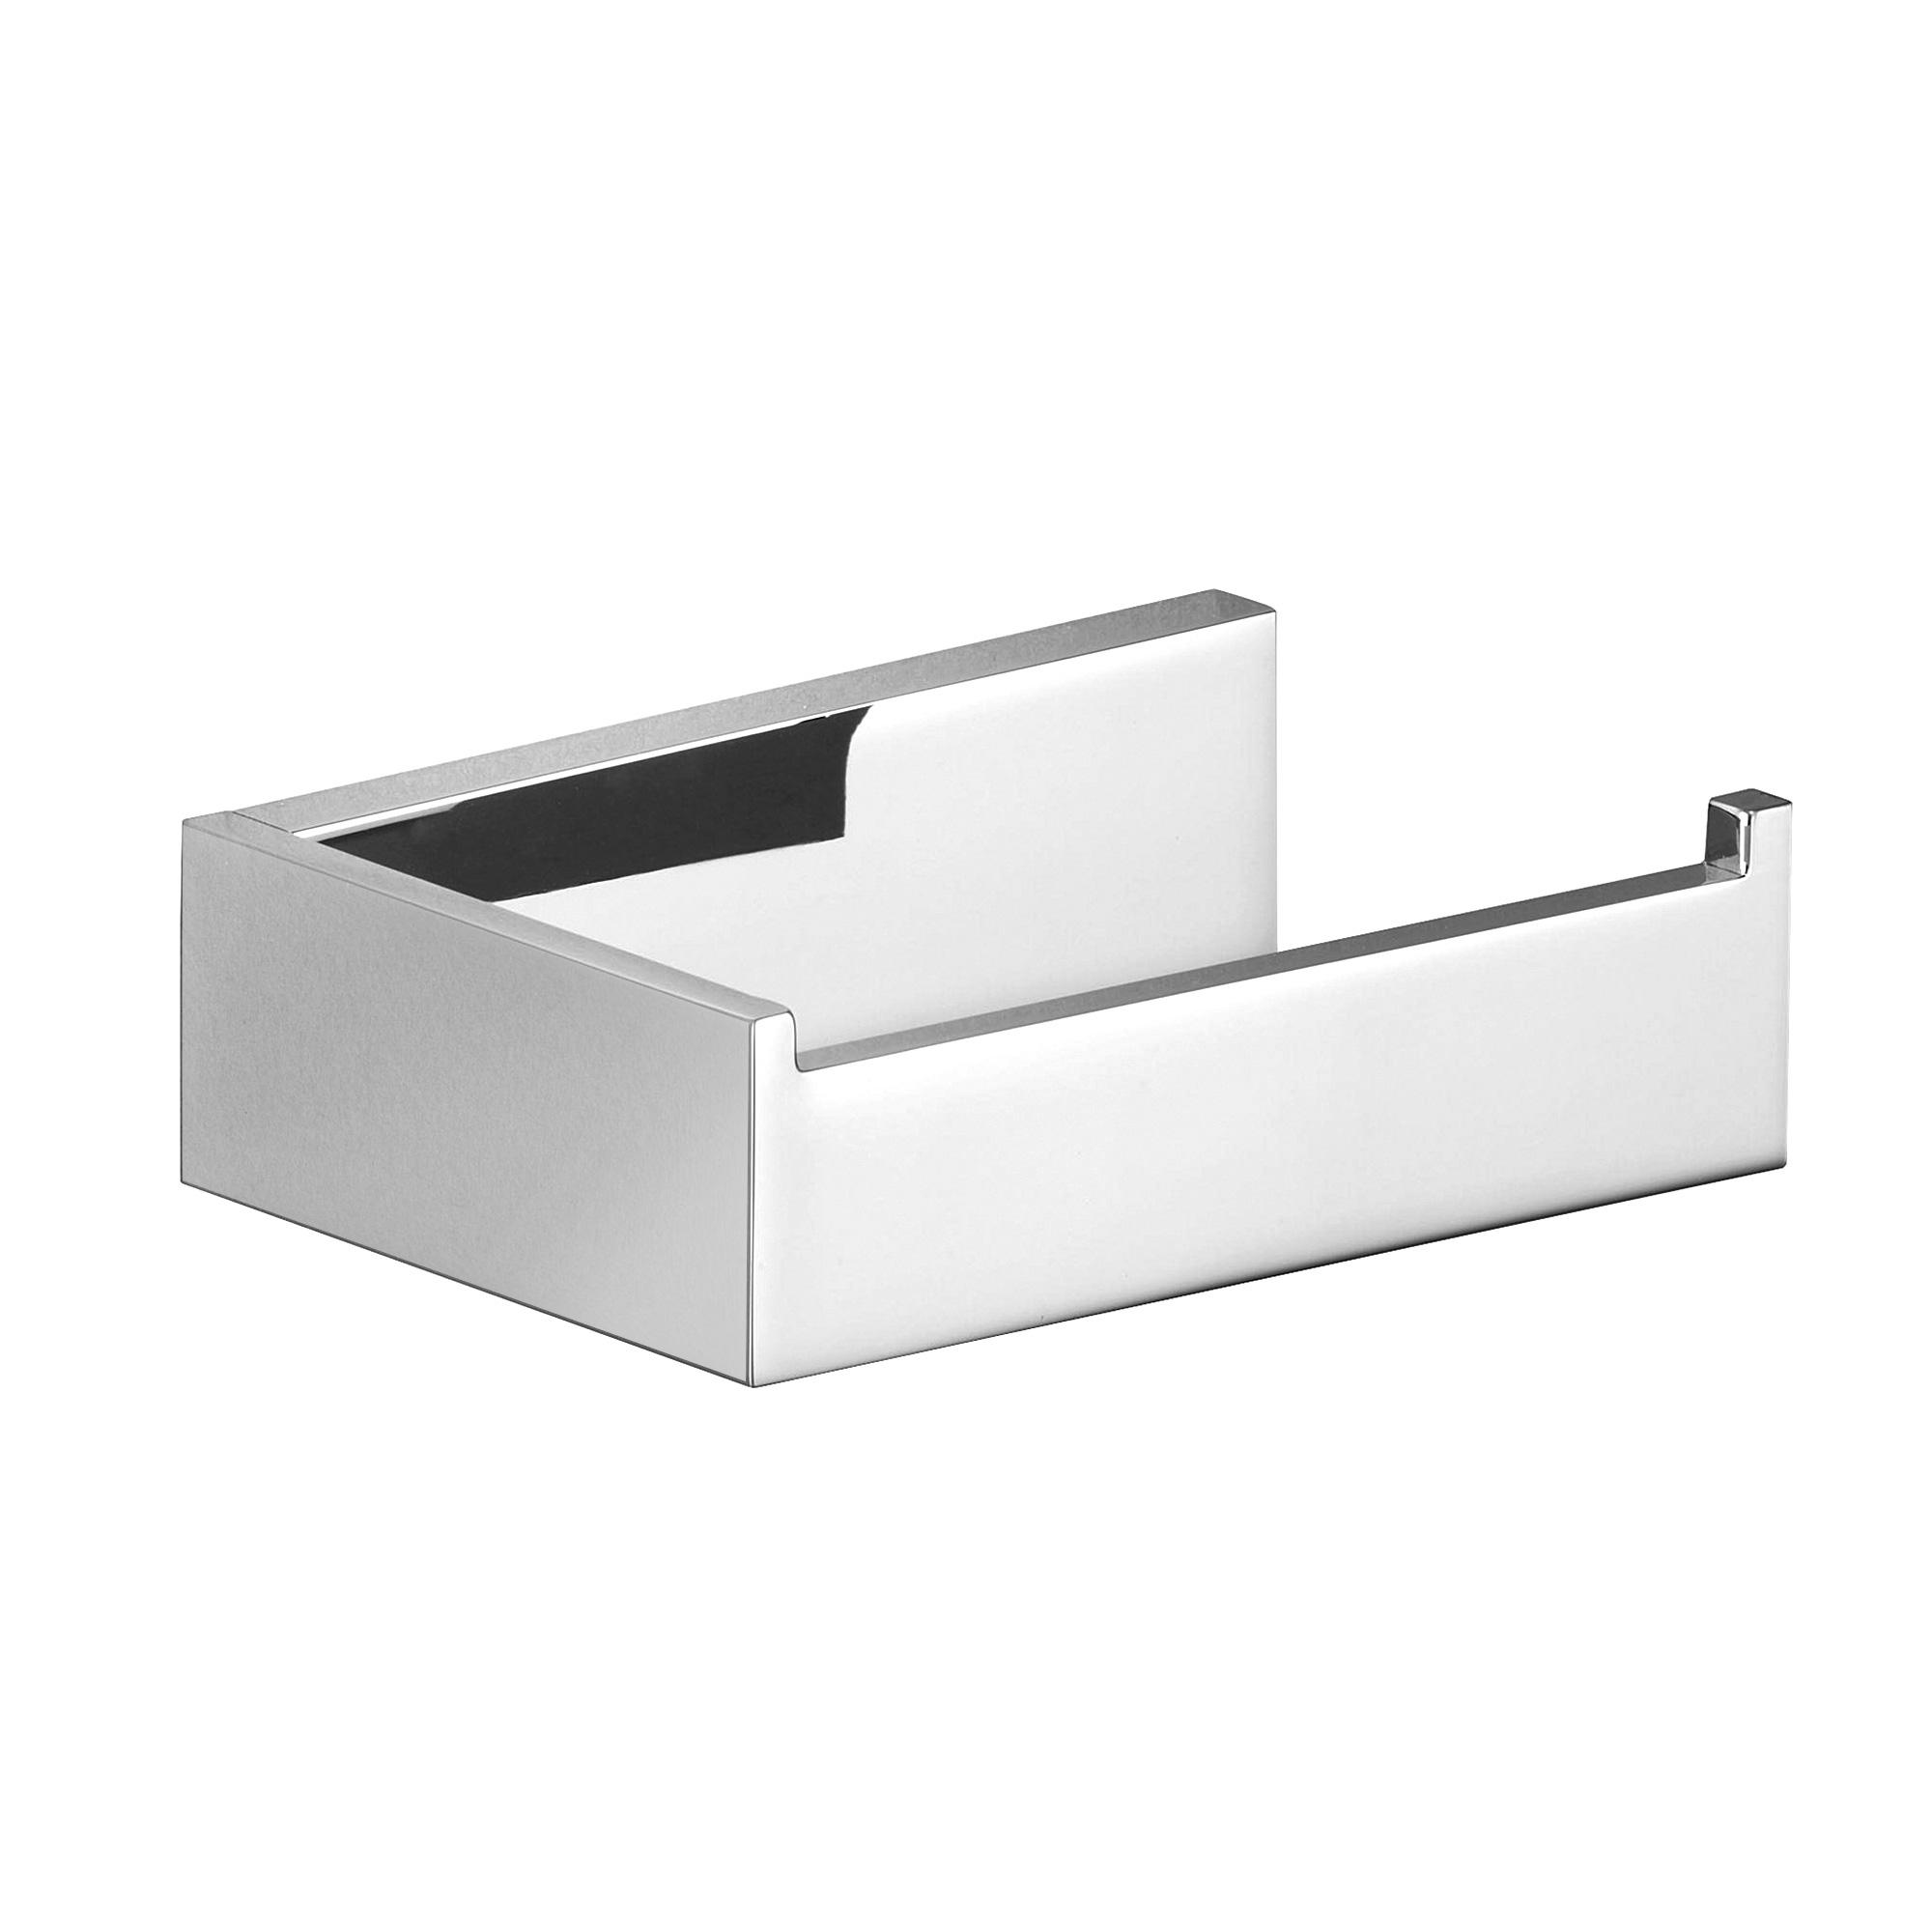 Papierrollenhalter Küche  Jtleigh.com - Hausgestaltung Ideen